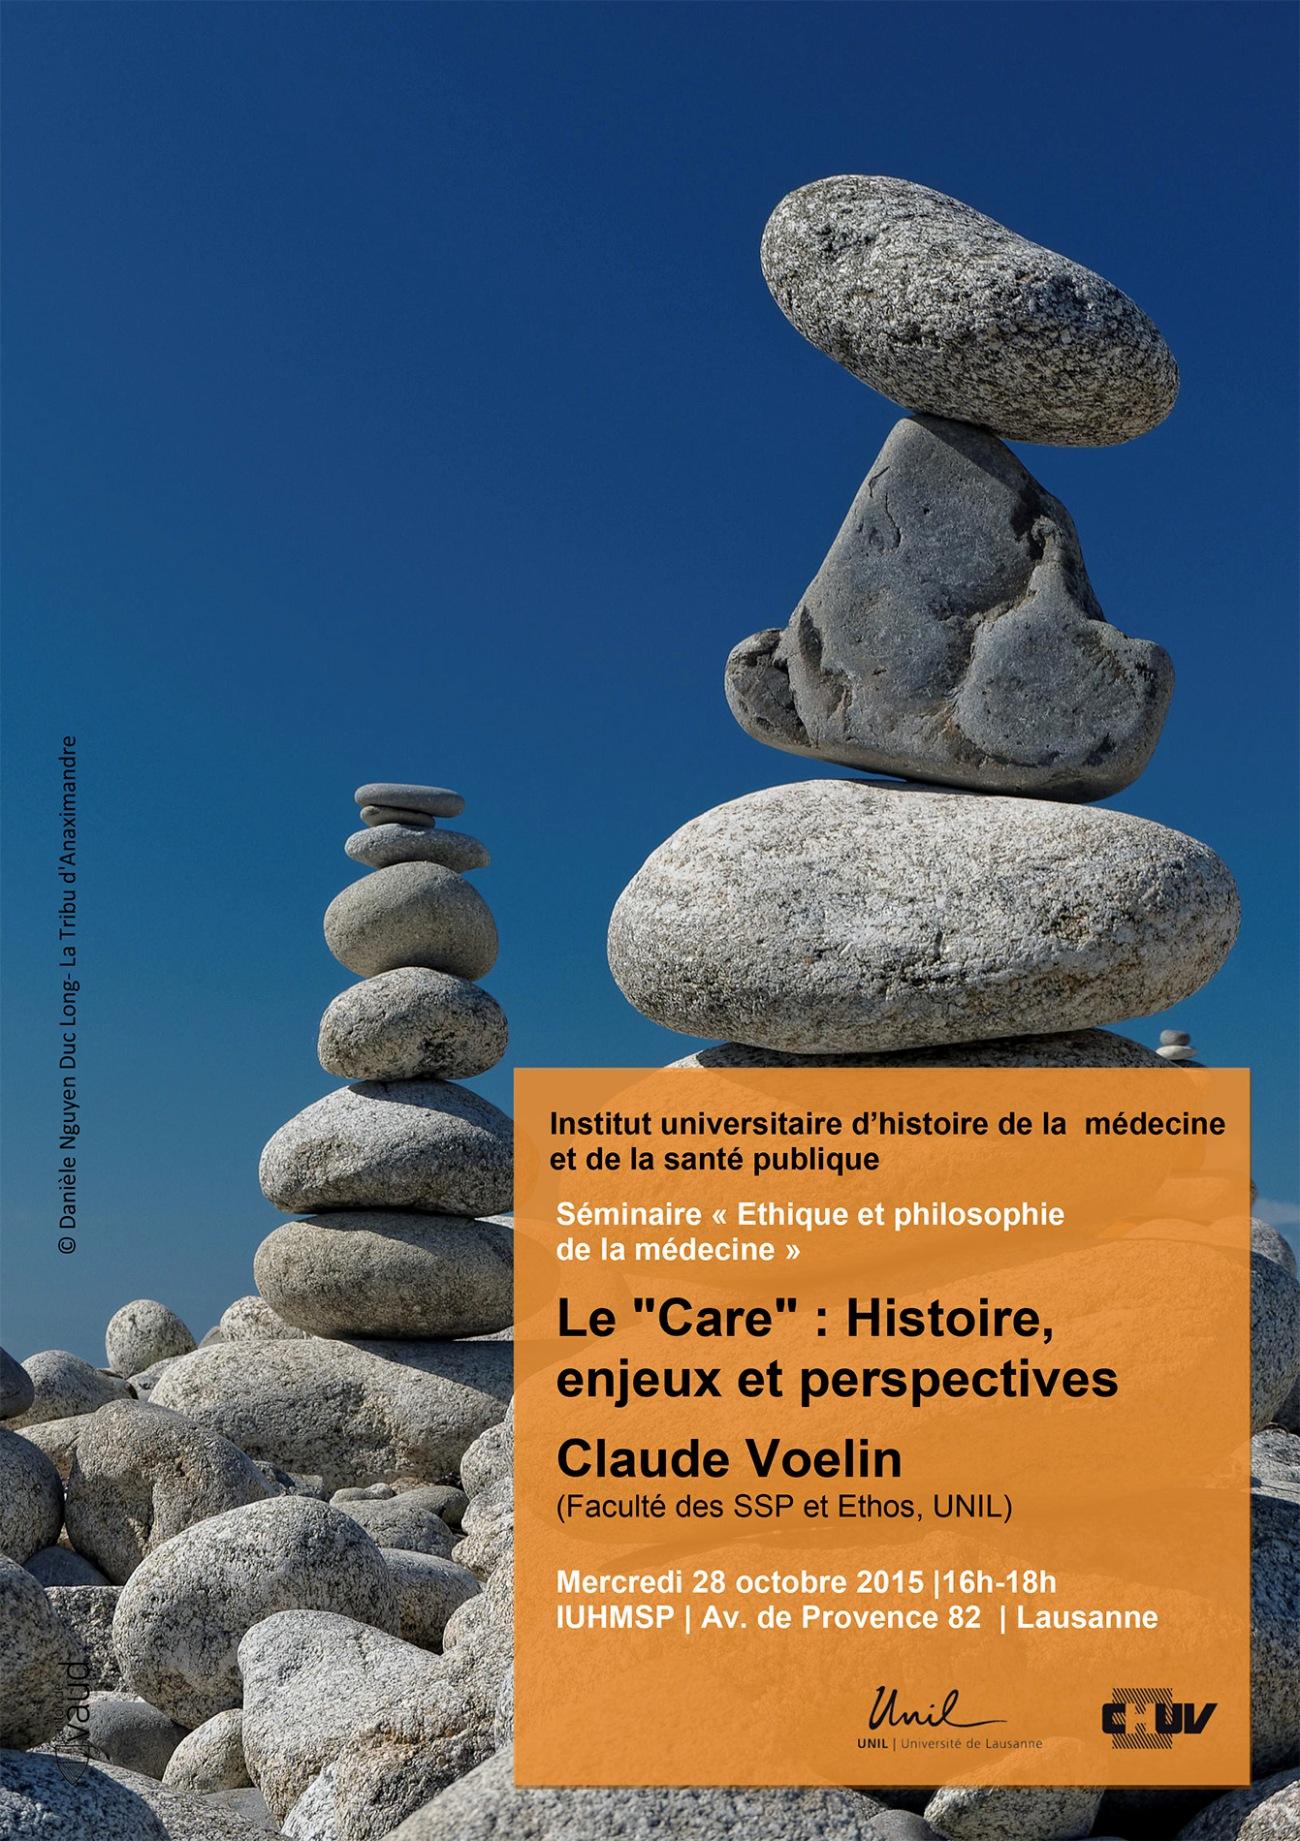 affiche séminaire Ethique et philosophie de la médecine Lausanne,